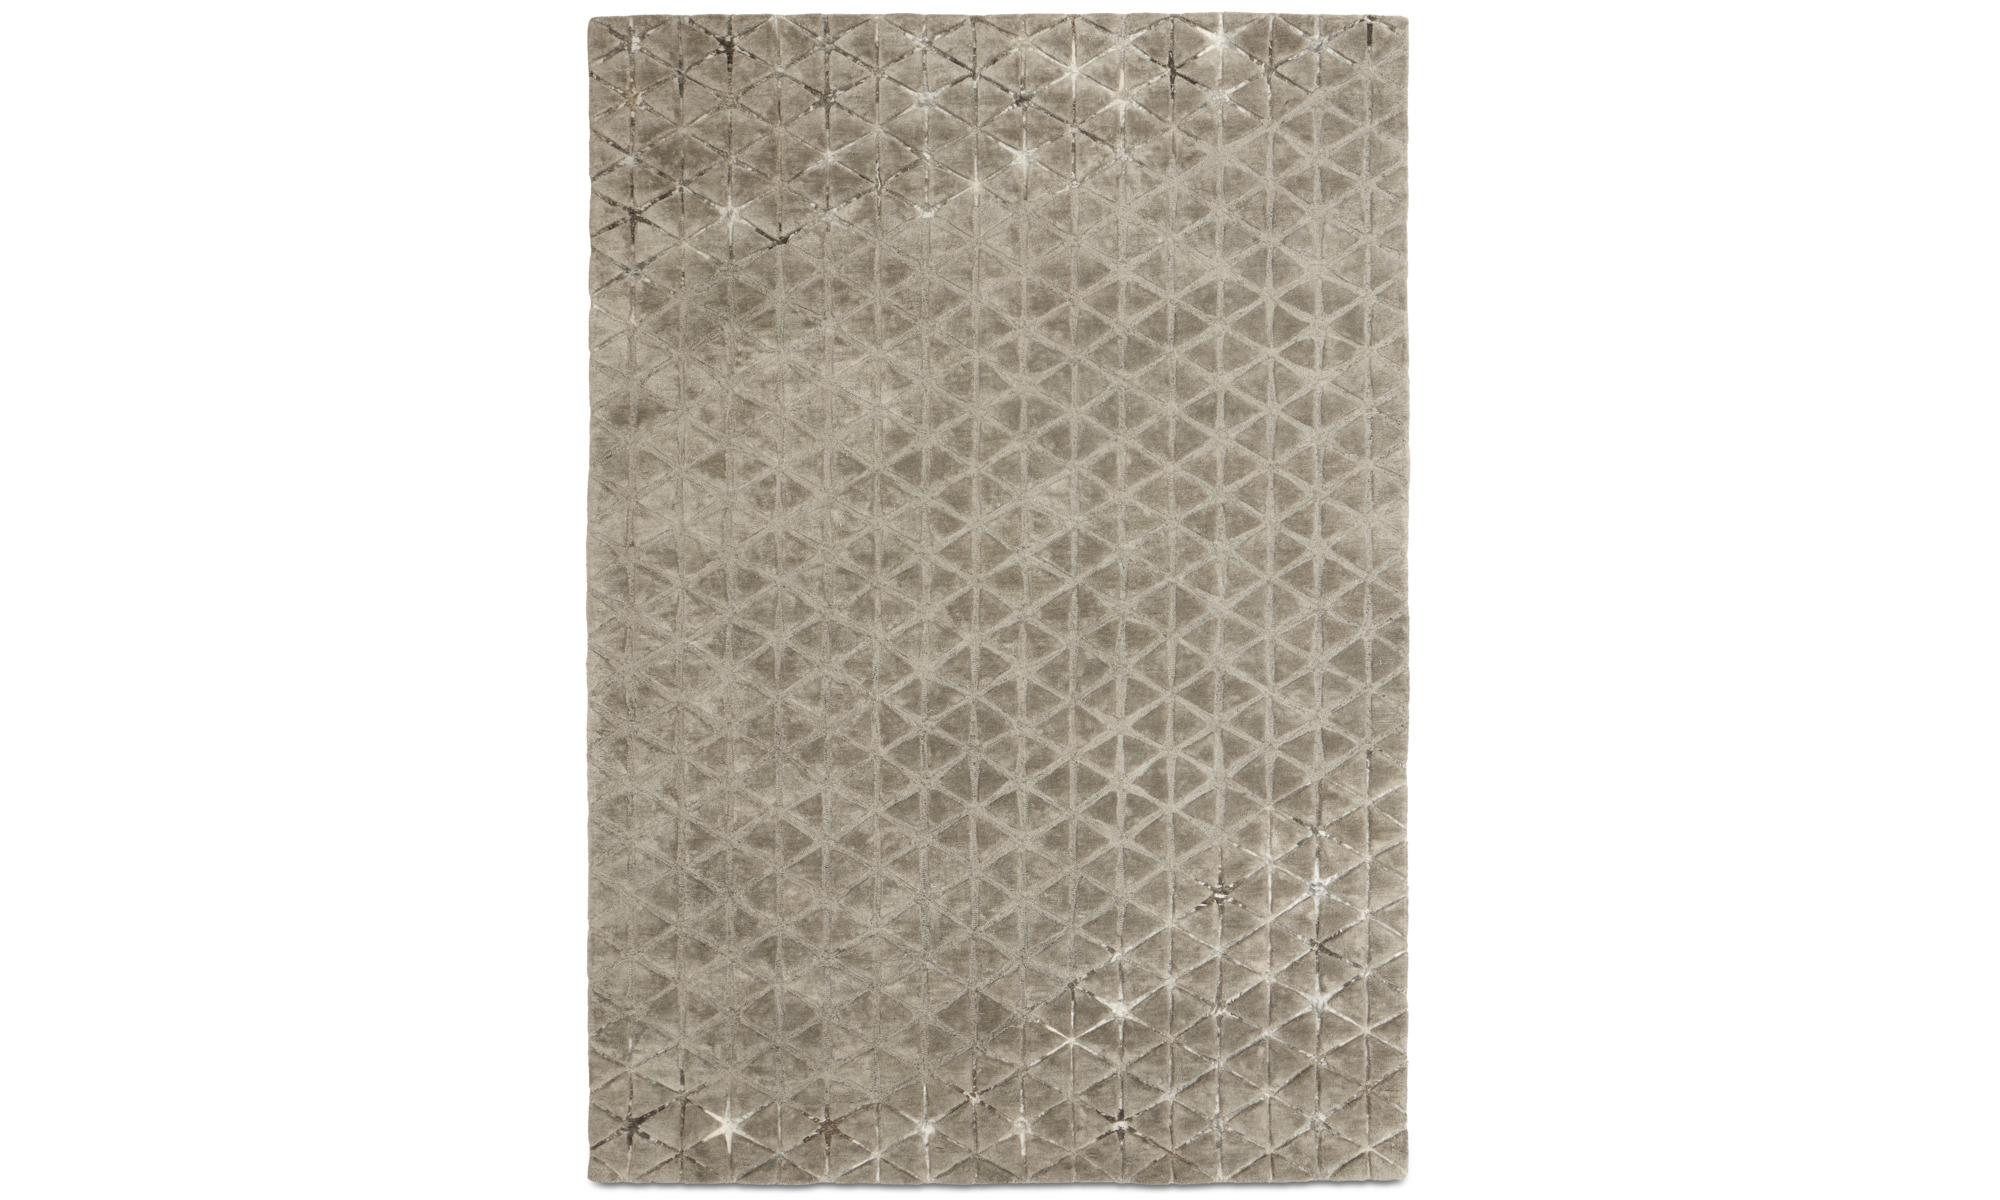 Teppiche - Angular Teppich - rechteckig - Grau - Baumwolle